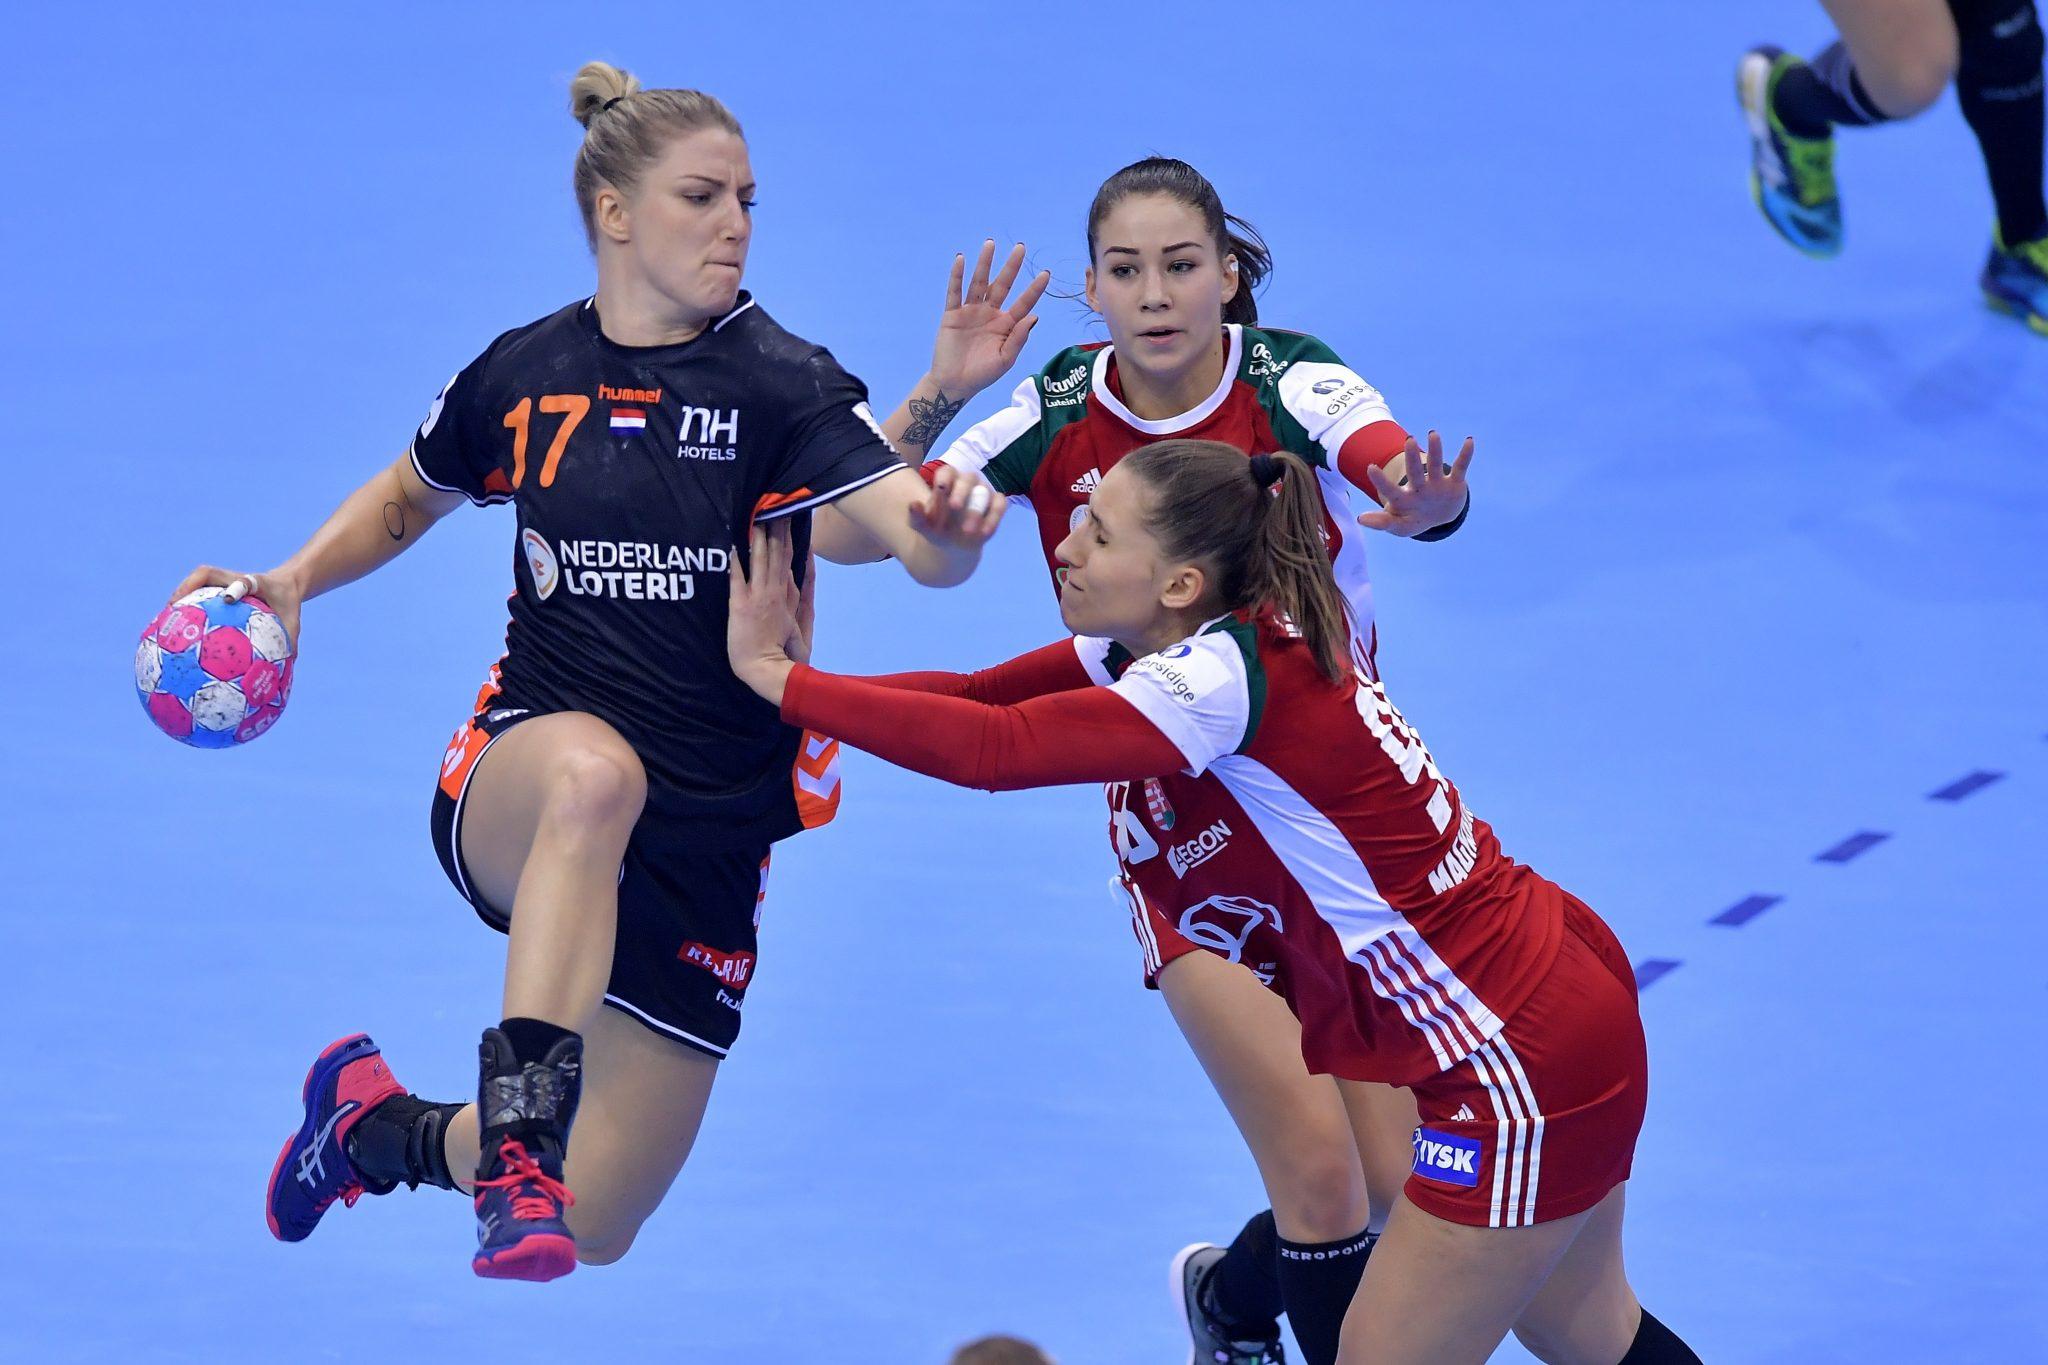 01-12-2018: EK Handbal Vrouwen: Nederland V Hongarije: MontBeliard EK Handbal In Frankrijk, Voorronde Groep C Nederland - Hongarije Nycke Groot #17 NED